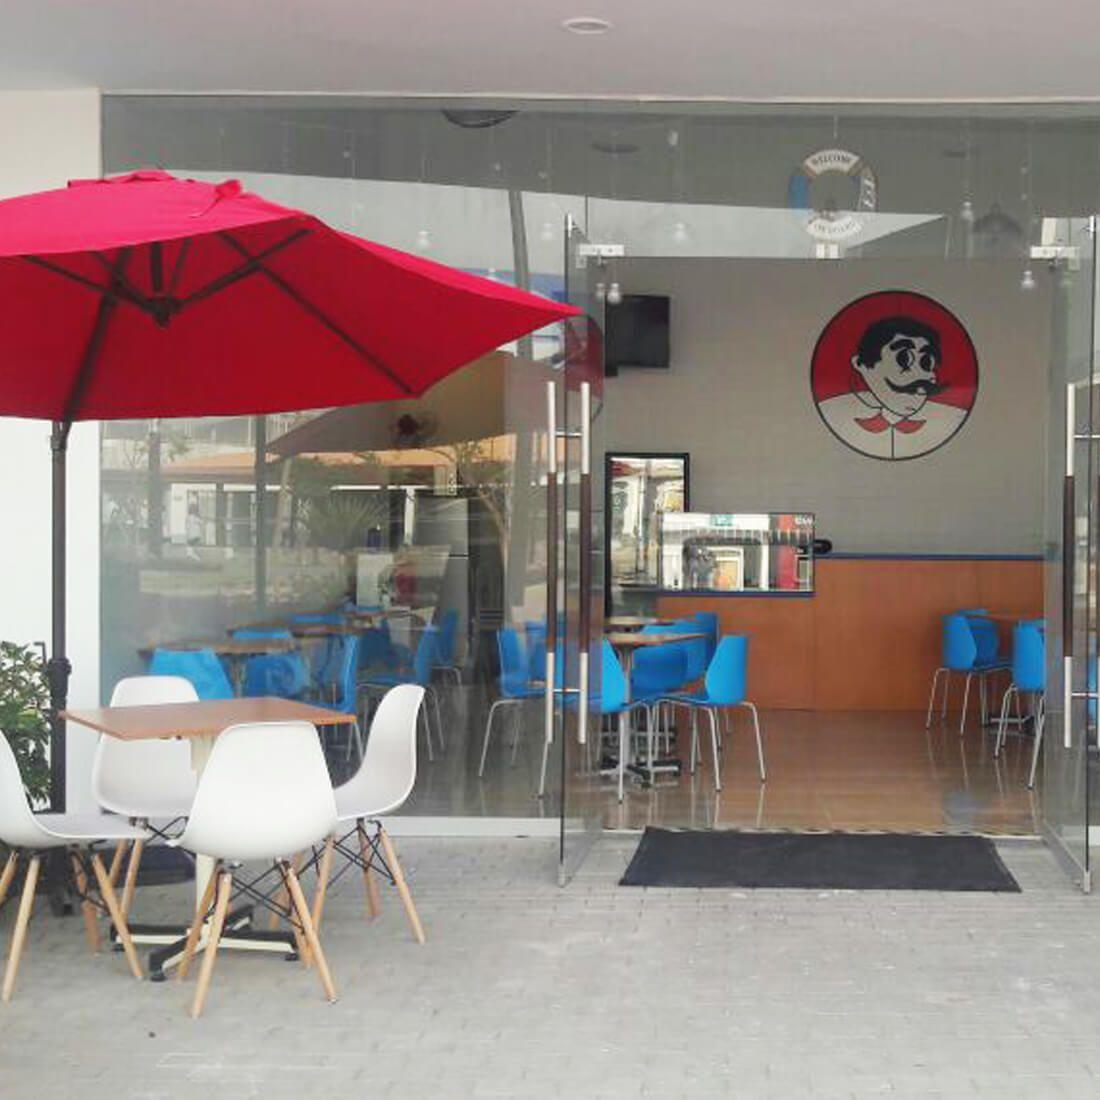 EL RINCóN DE BIGOTE - ASIA Restaurante - Reserva en restaurantes de Comida PESCADOS Y MARISCOS - ASIA - MESA 24/7 | LIMA - Perú